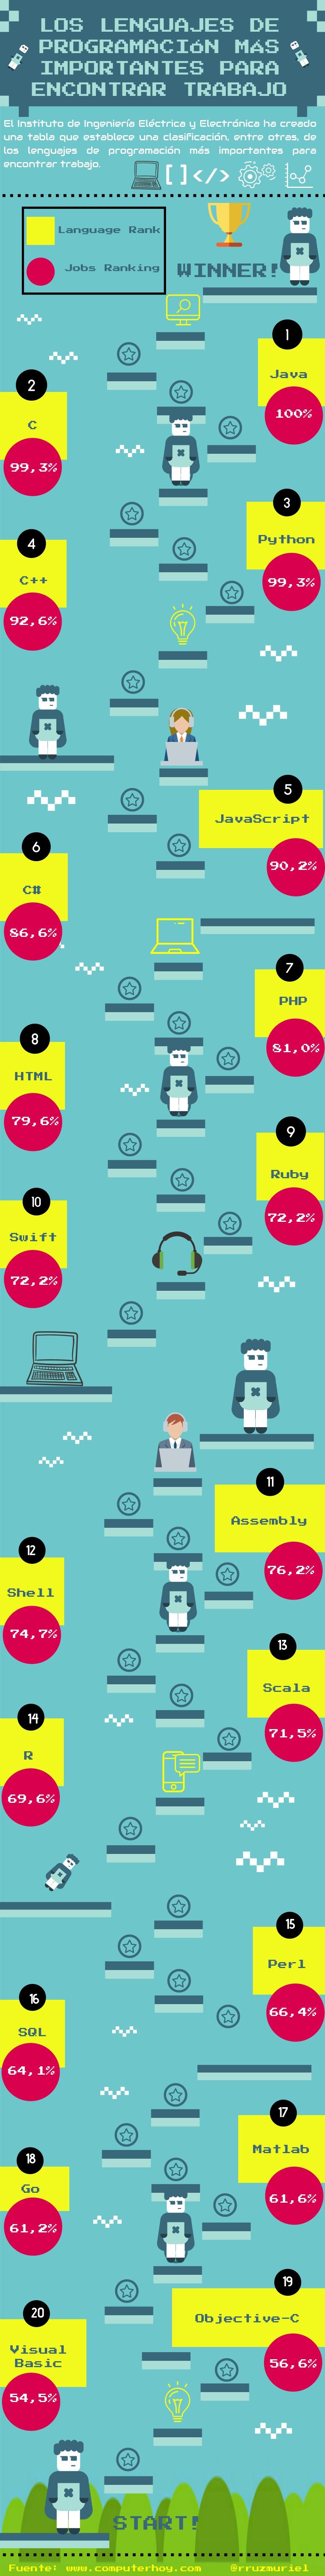 Los lenguajes de programación más importantes para encontrar trabajo